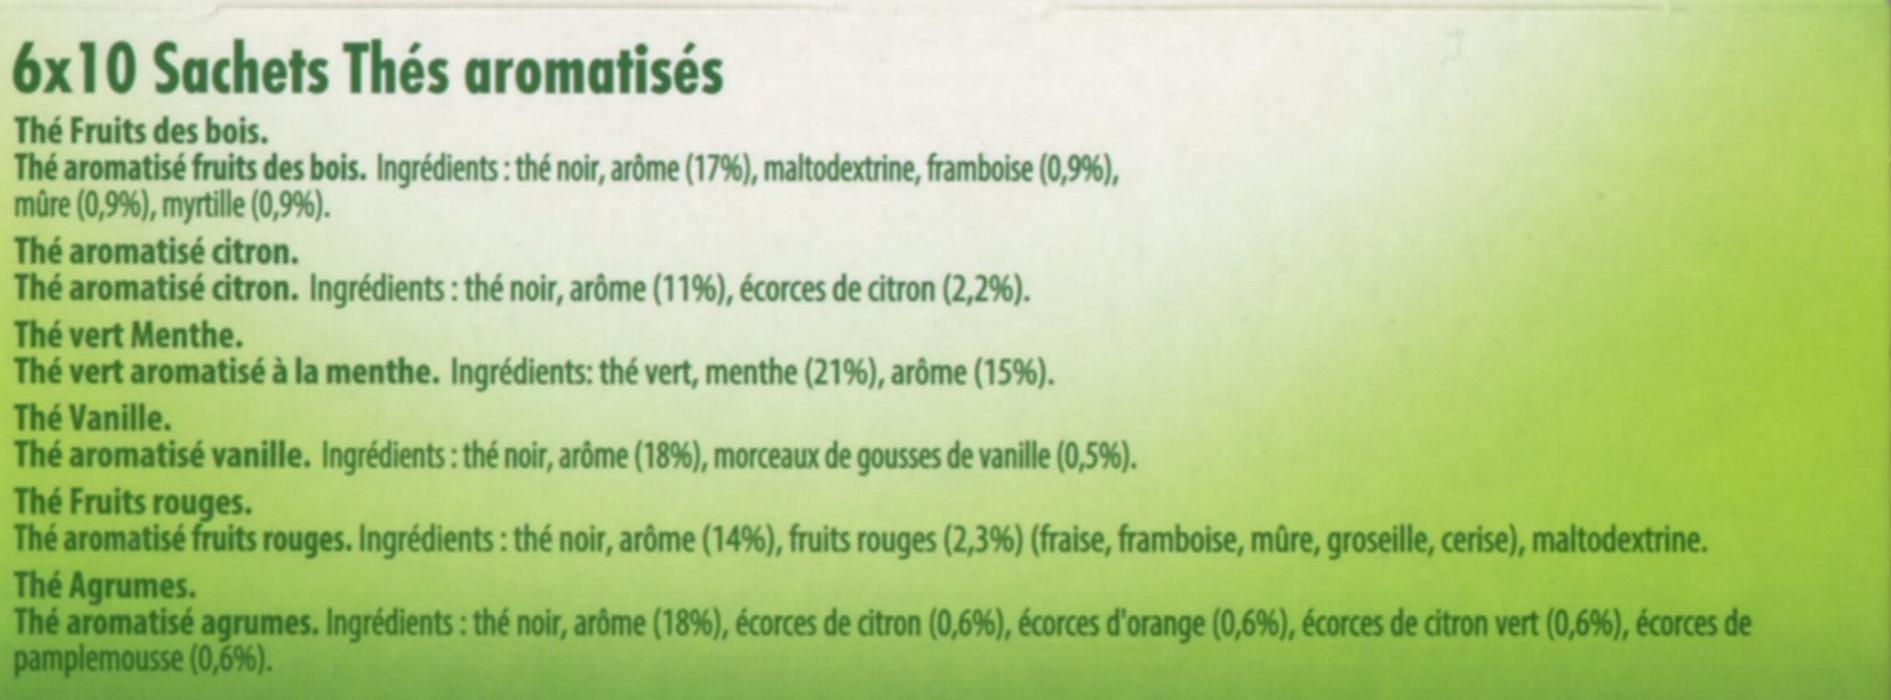 Coffret de Thés parfumés - Ingrediënten